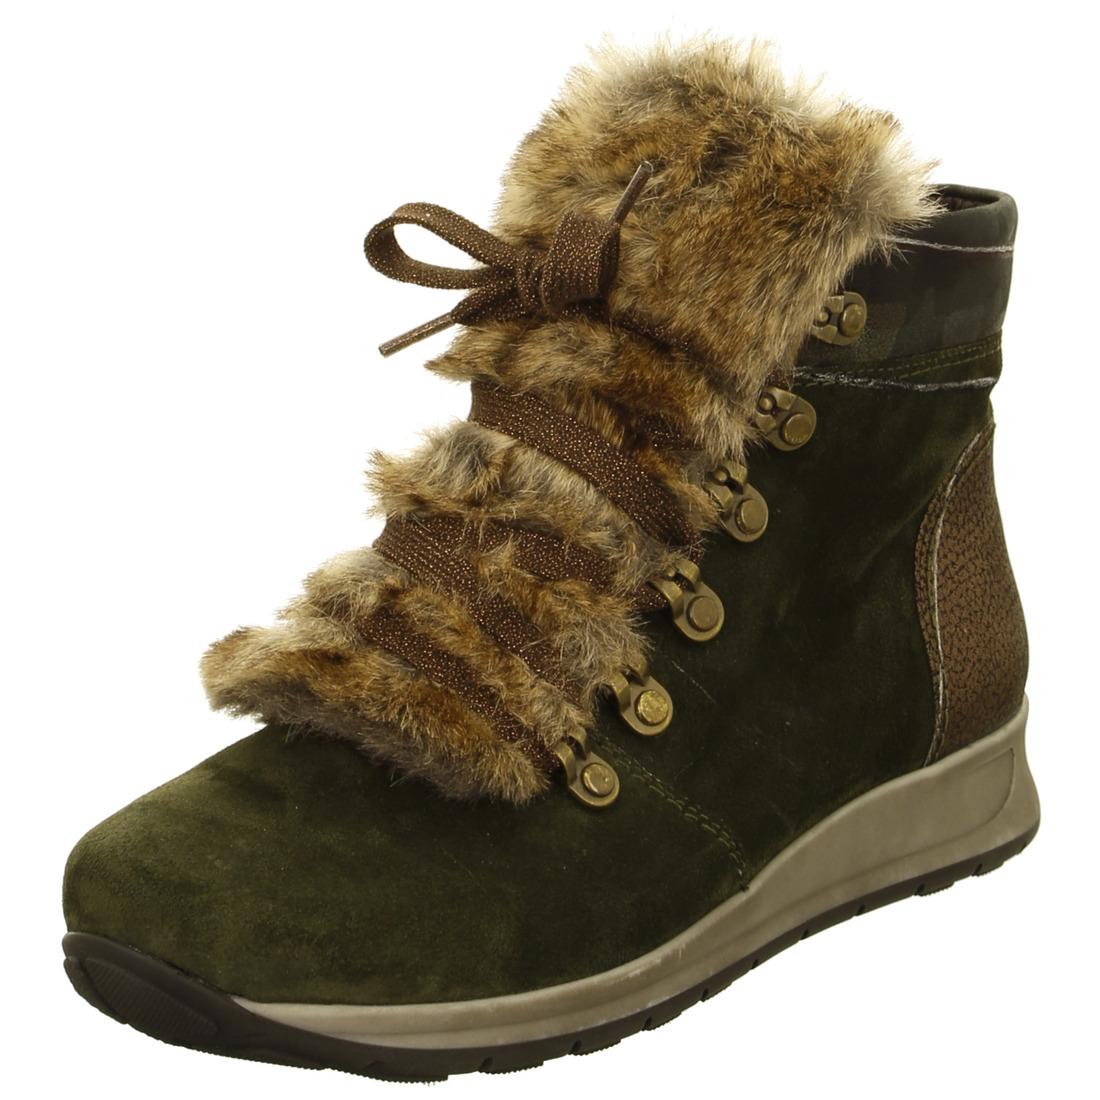 Ara kotníčky dámska obuv šnurovacia zateplená značky ara jpg 1100x1100 Damska  obuv 680c7fb1c48